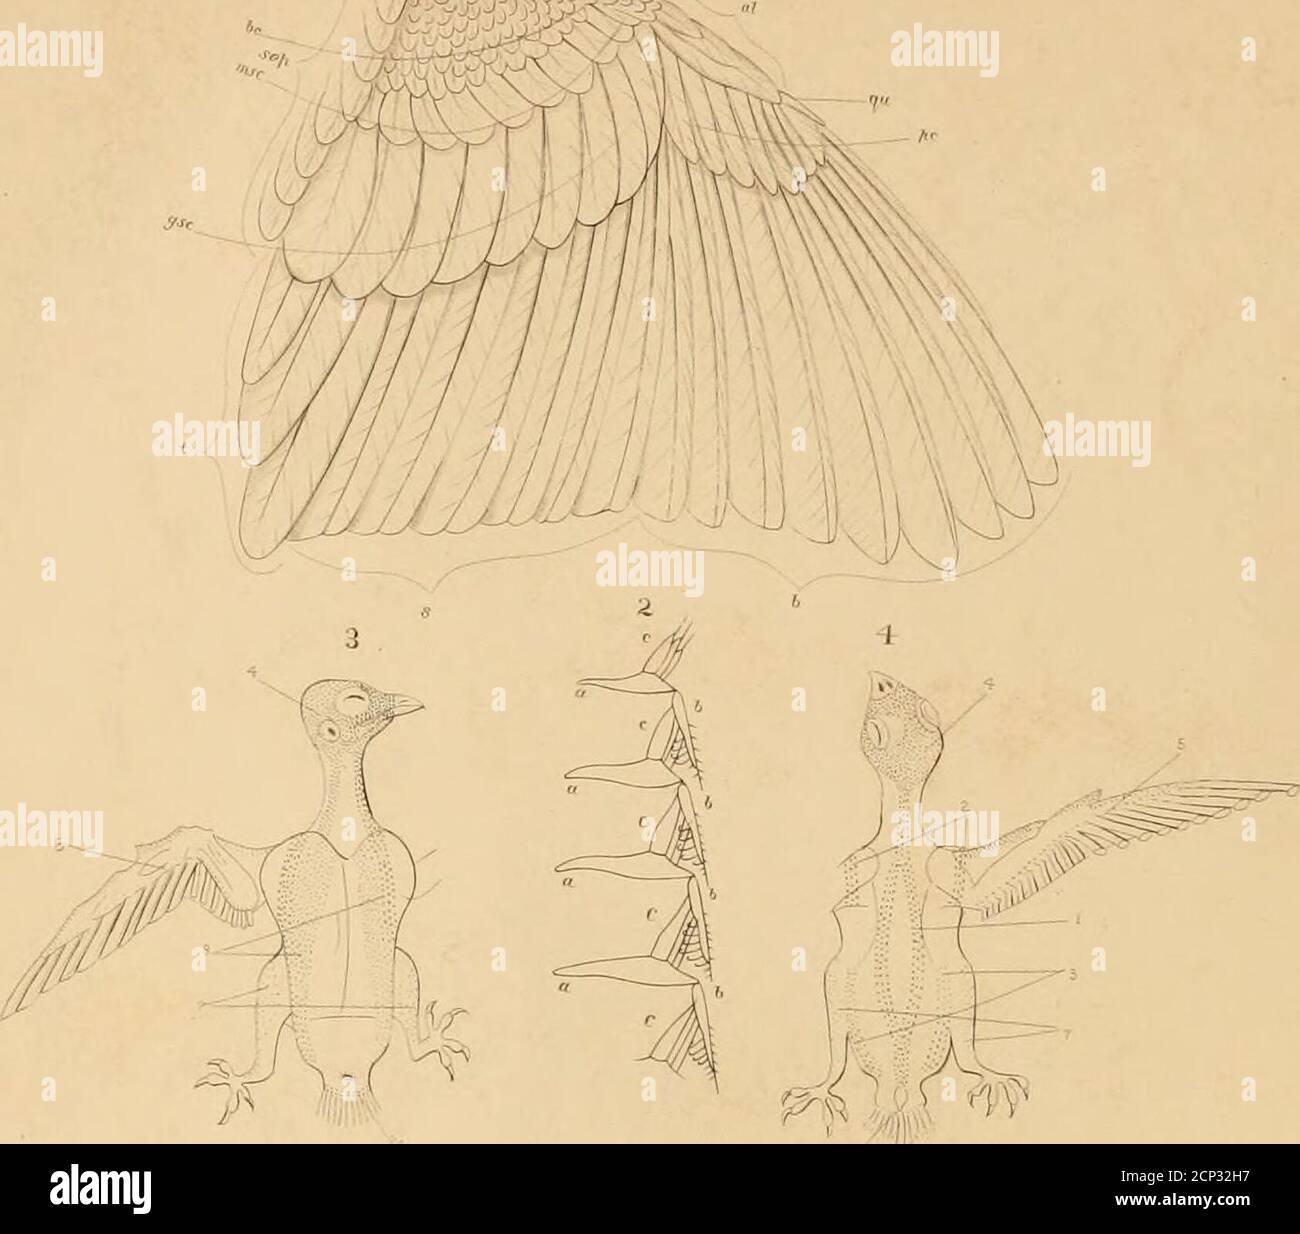 . Schlüssel zu nordamerikanischen Vögeln; enthält eine präzise Darstellung aller lebenden und fossilen Vogelarten, die derzeit vom Kontinent nördlich der mexikanischen und US-amerikanischen Grenze bekannt sind. llf m/fjif,:keytonorthameric00cou Stockfoto